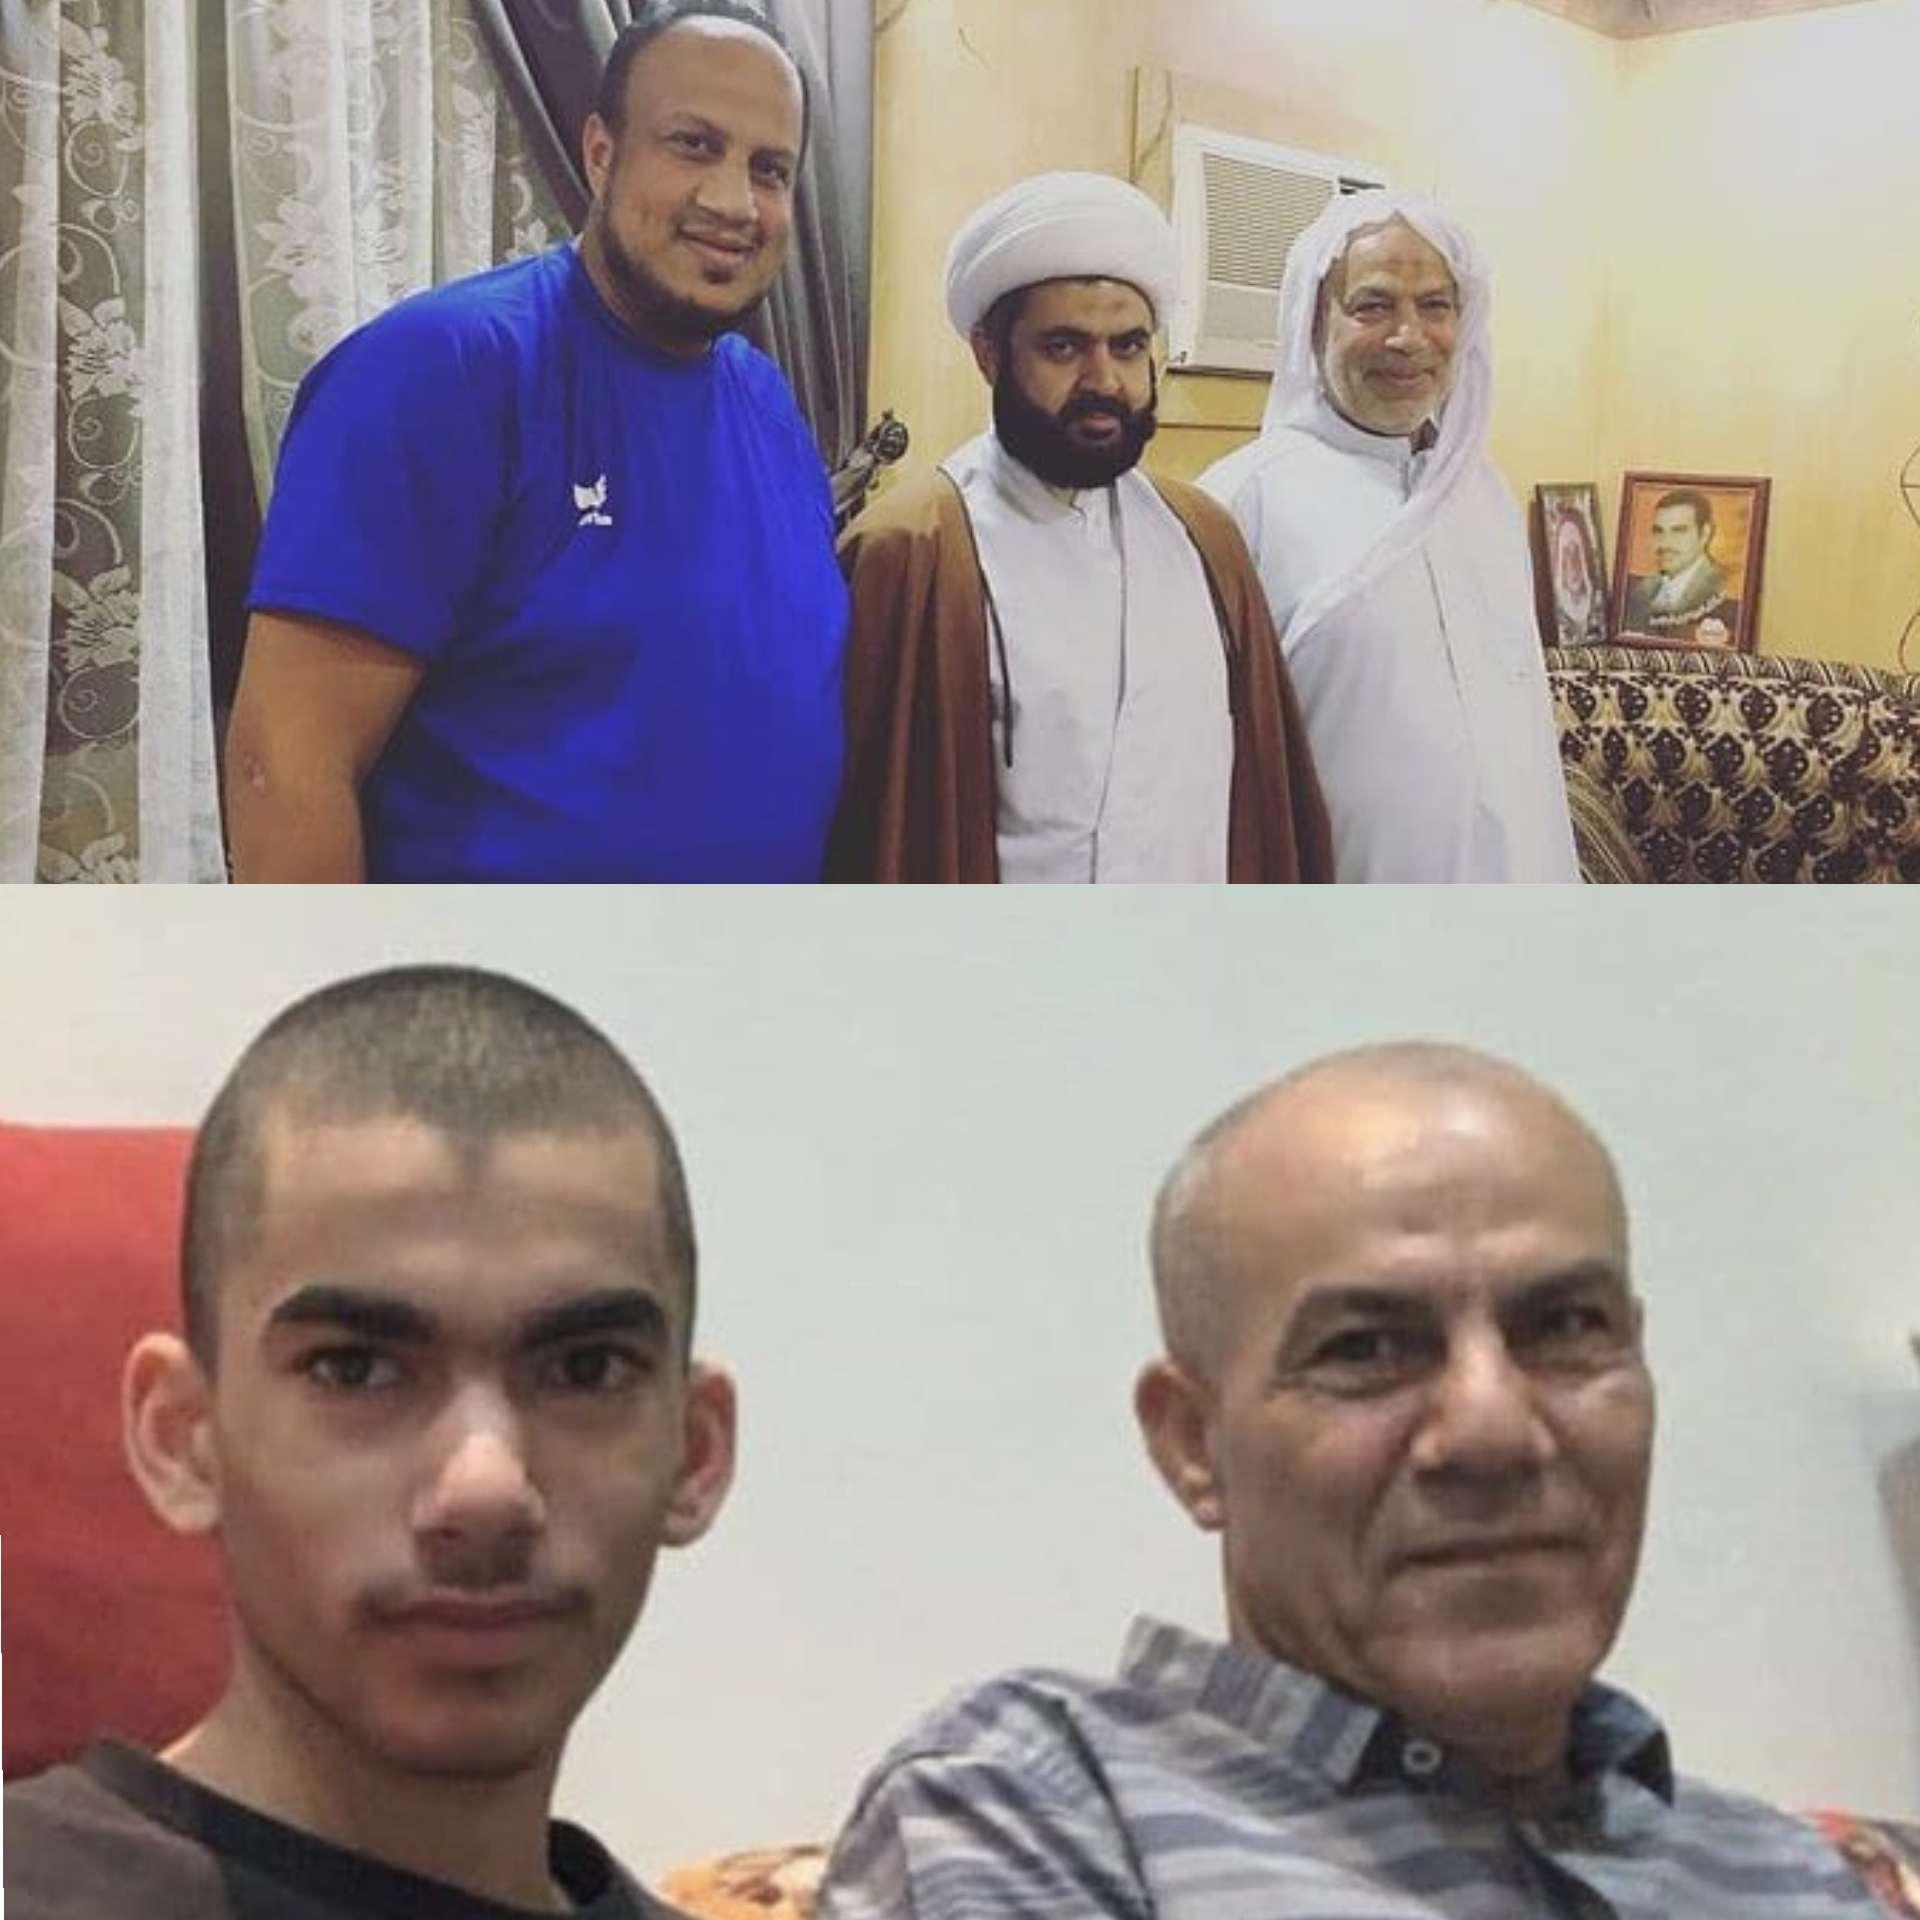 أهالي أبو صيبع والشاخورة يستقبلون الأبطال المفرج عنهم